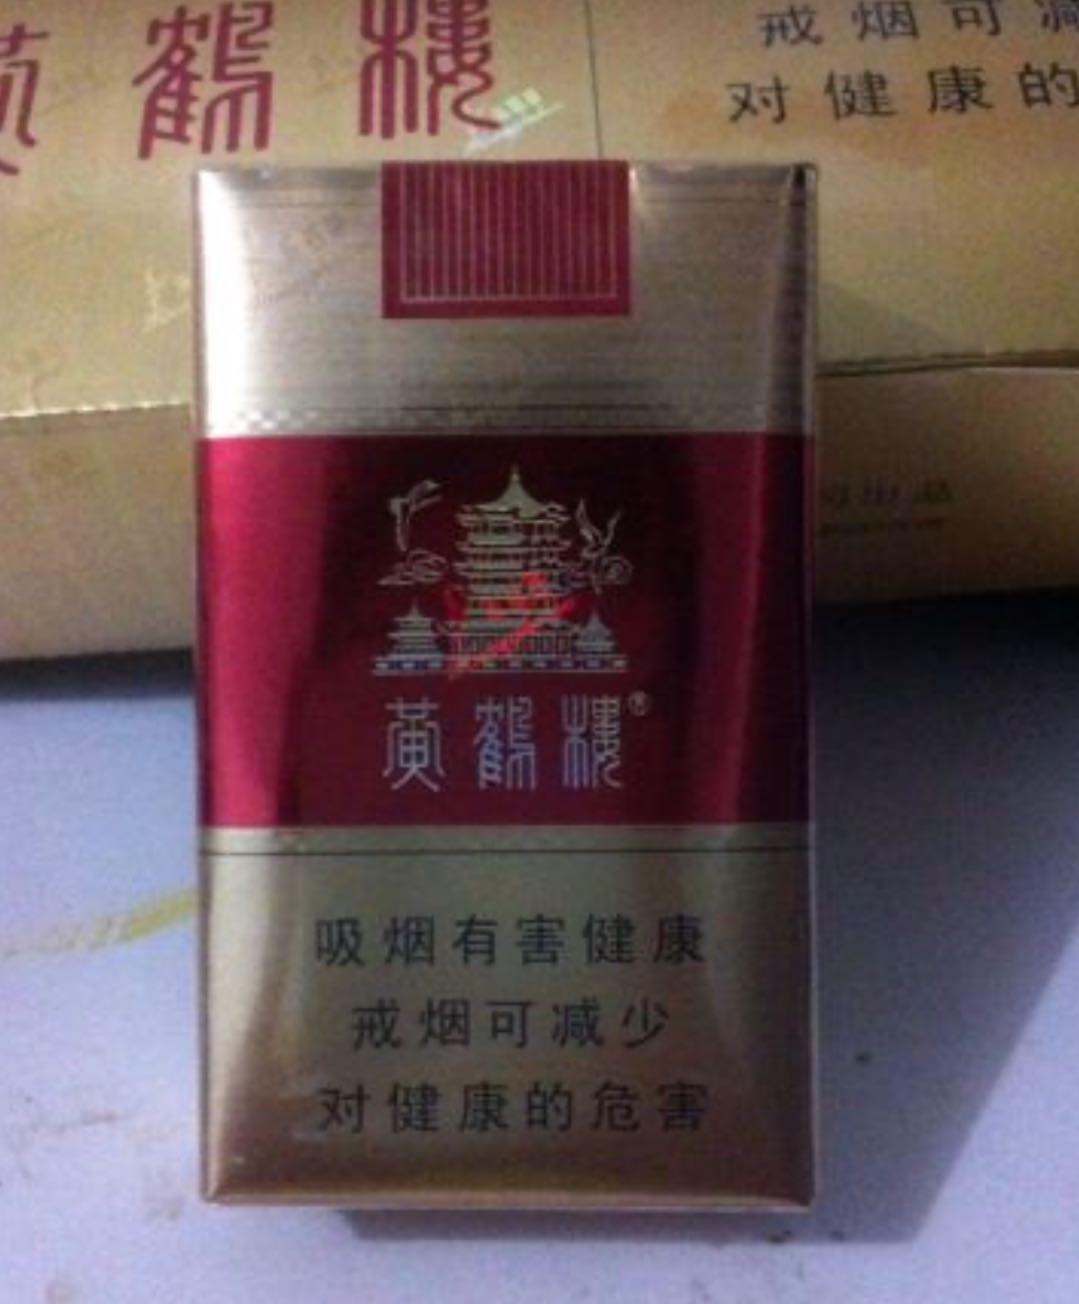 黄鹤楼(硬峡谷情细支)价格图表,多少钱一包? - 戒烟18弯手机版